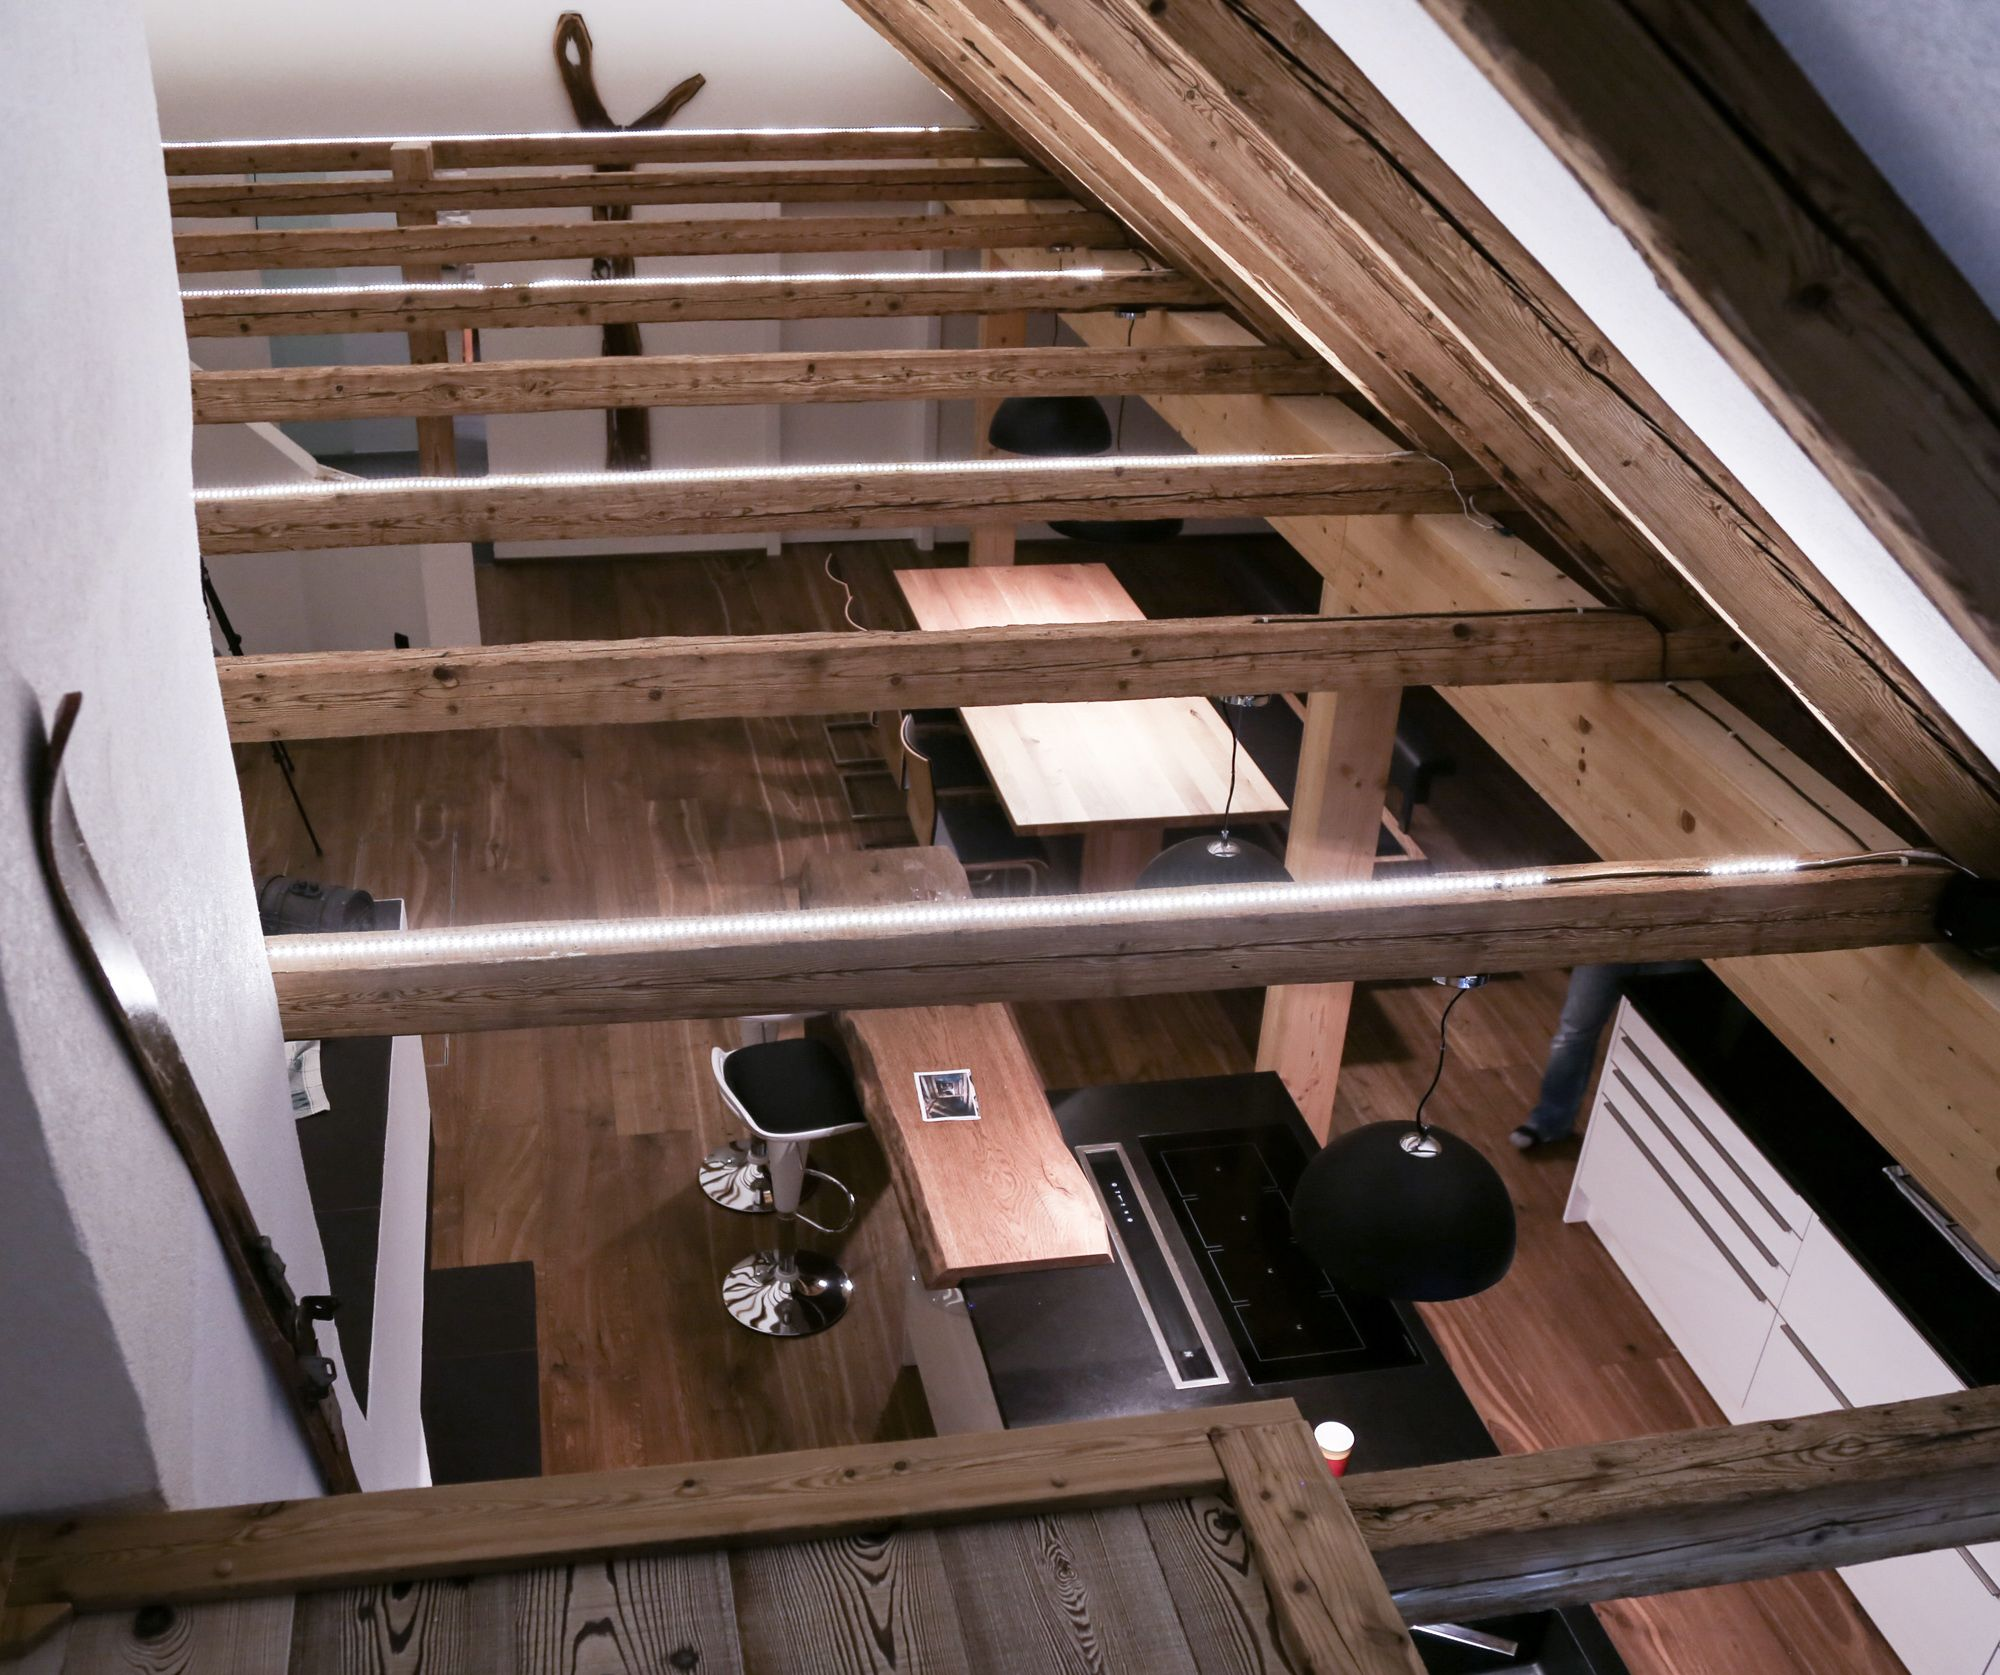 renovierungsprojekt dachbodenausbau mit splitlevel eine besonderheit sind die altholz balken. Black Bedroom Furniture Sets. Home Design Ideas